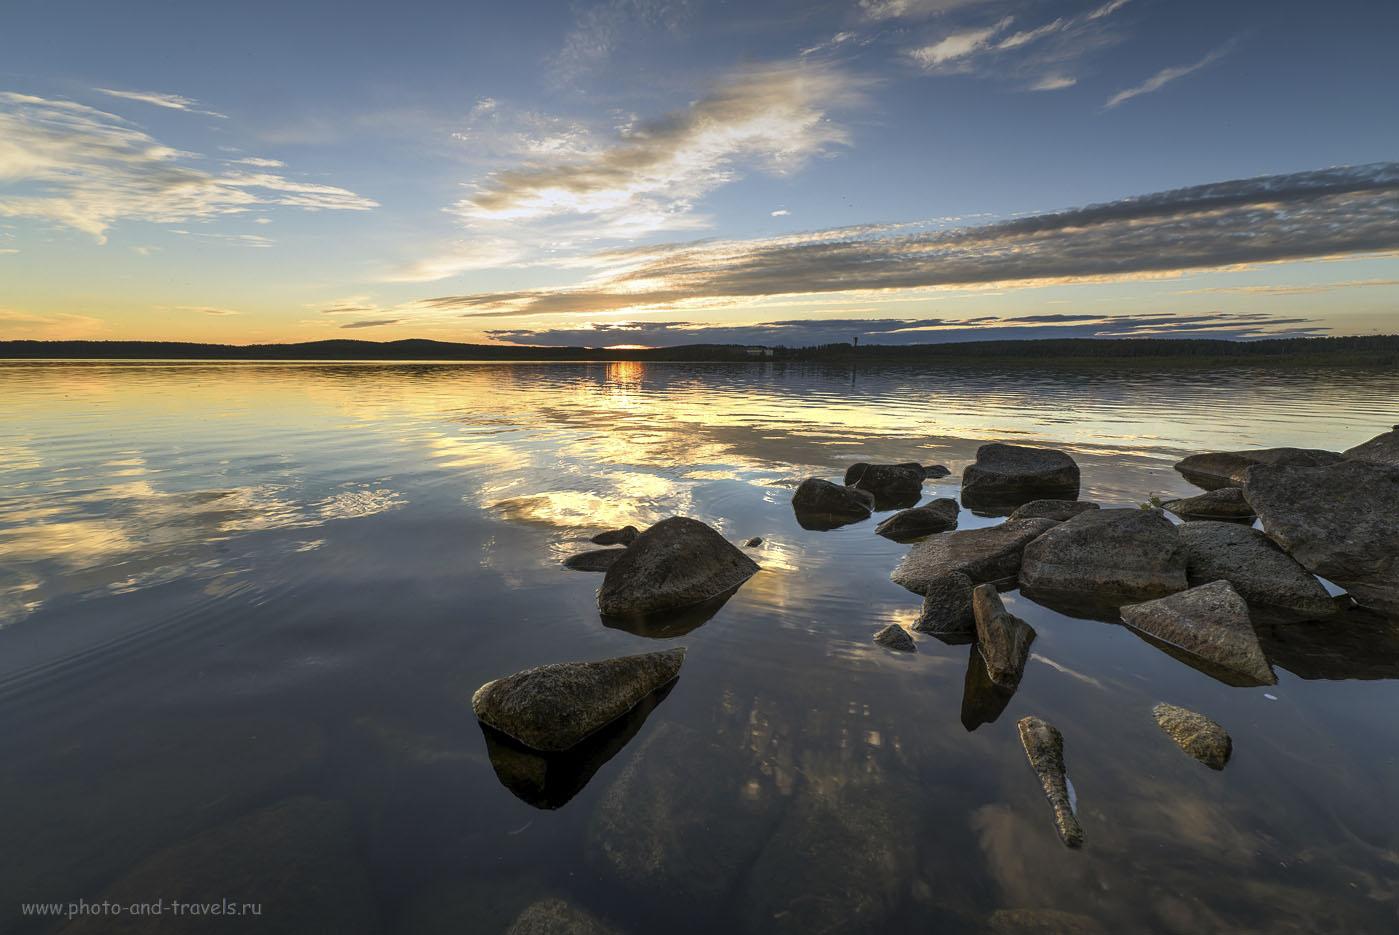 17. Озеро Чусовское, ХДР, Samyang 14/2.8, Nikon D610